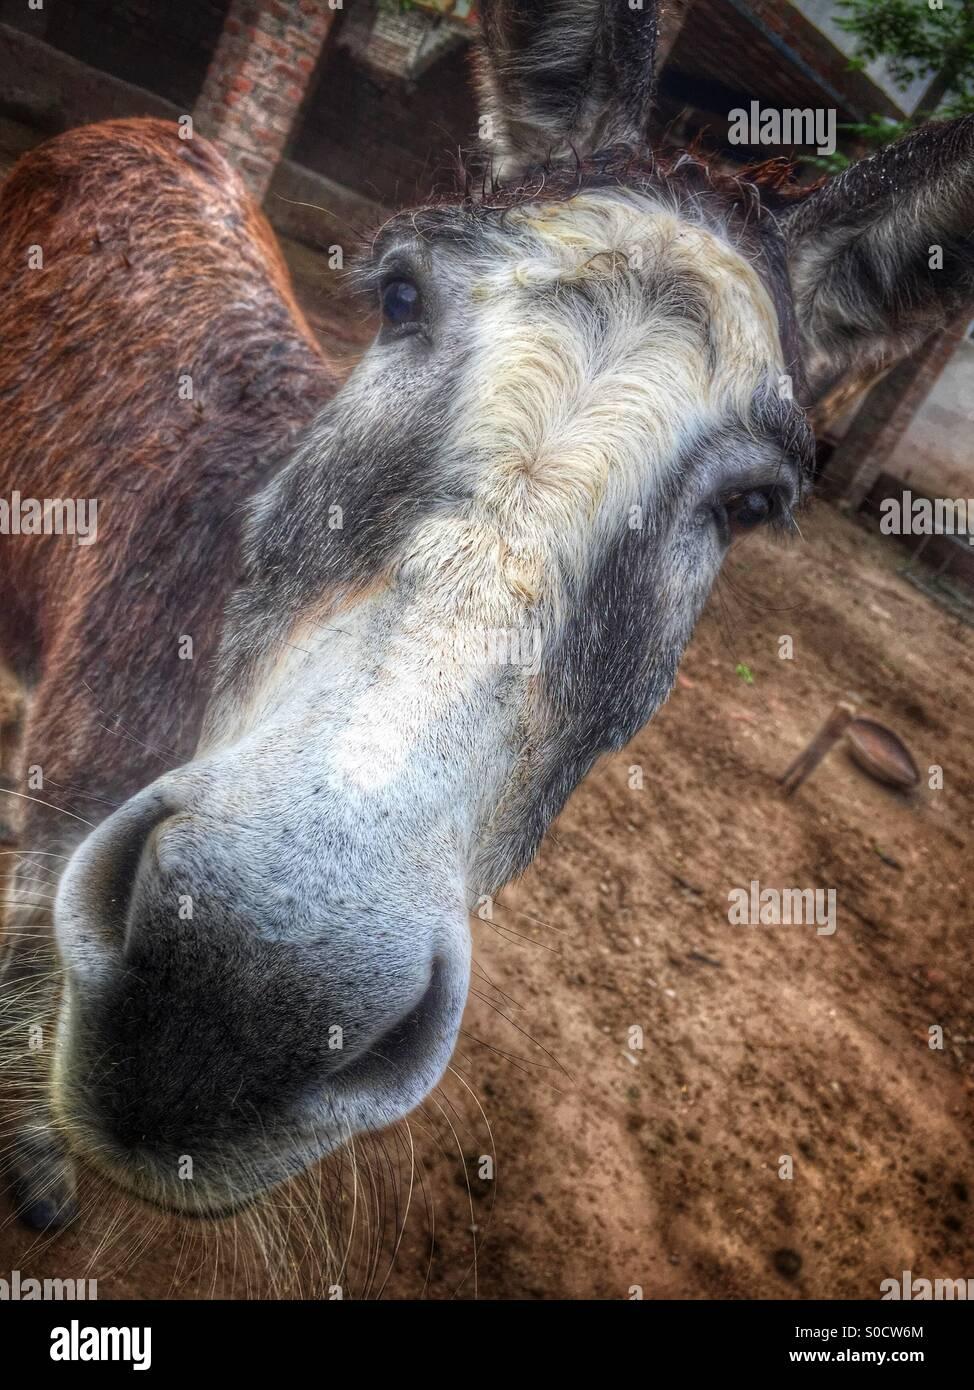 Punjab Farm Stock Photos & Punjab Farm Stock Images - Alamy